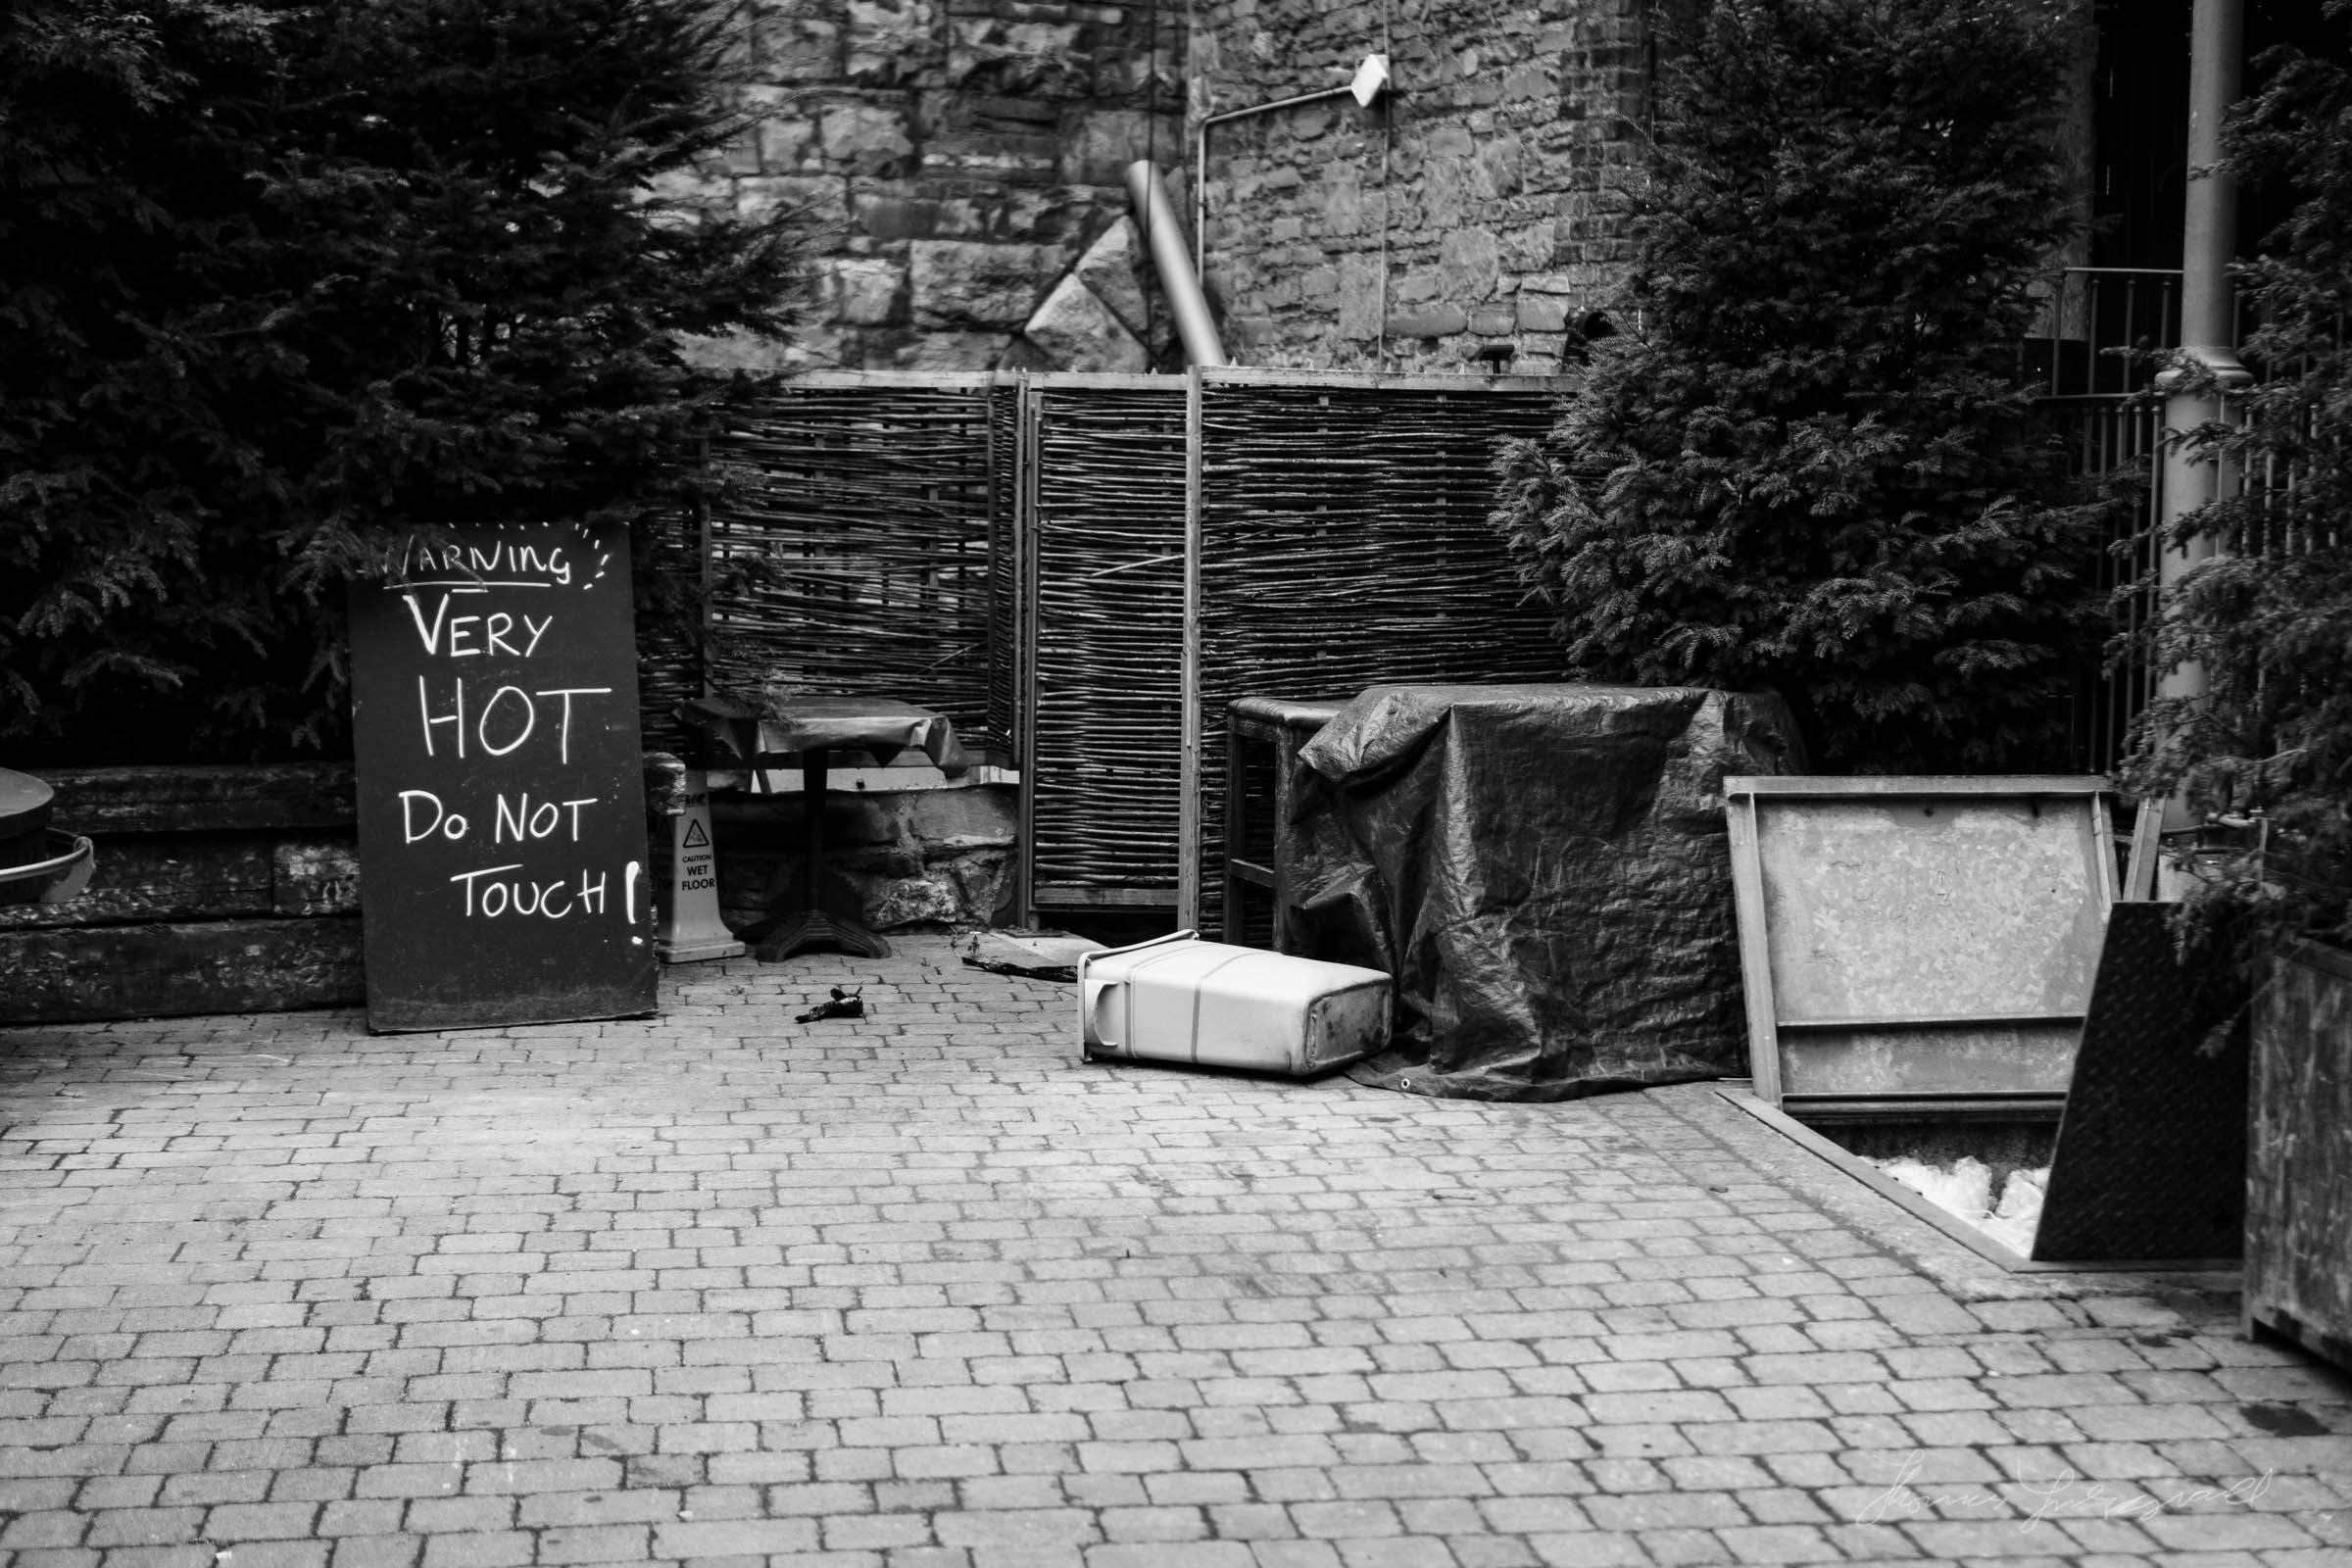 Street-Photo-Diary-No-6-BW-Dublin-01.jpg